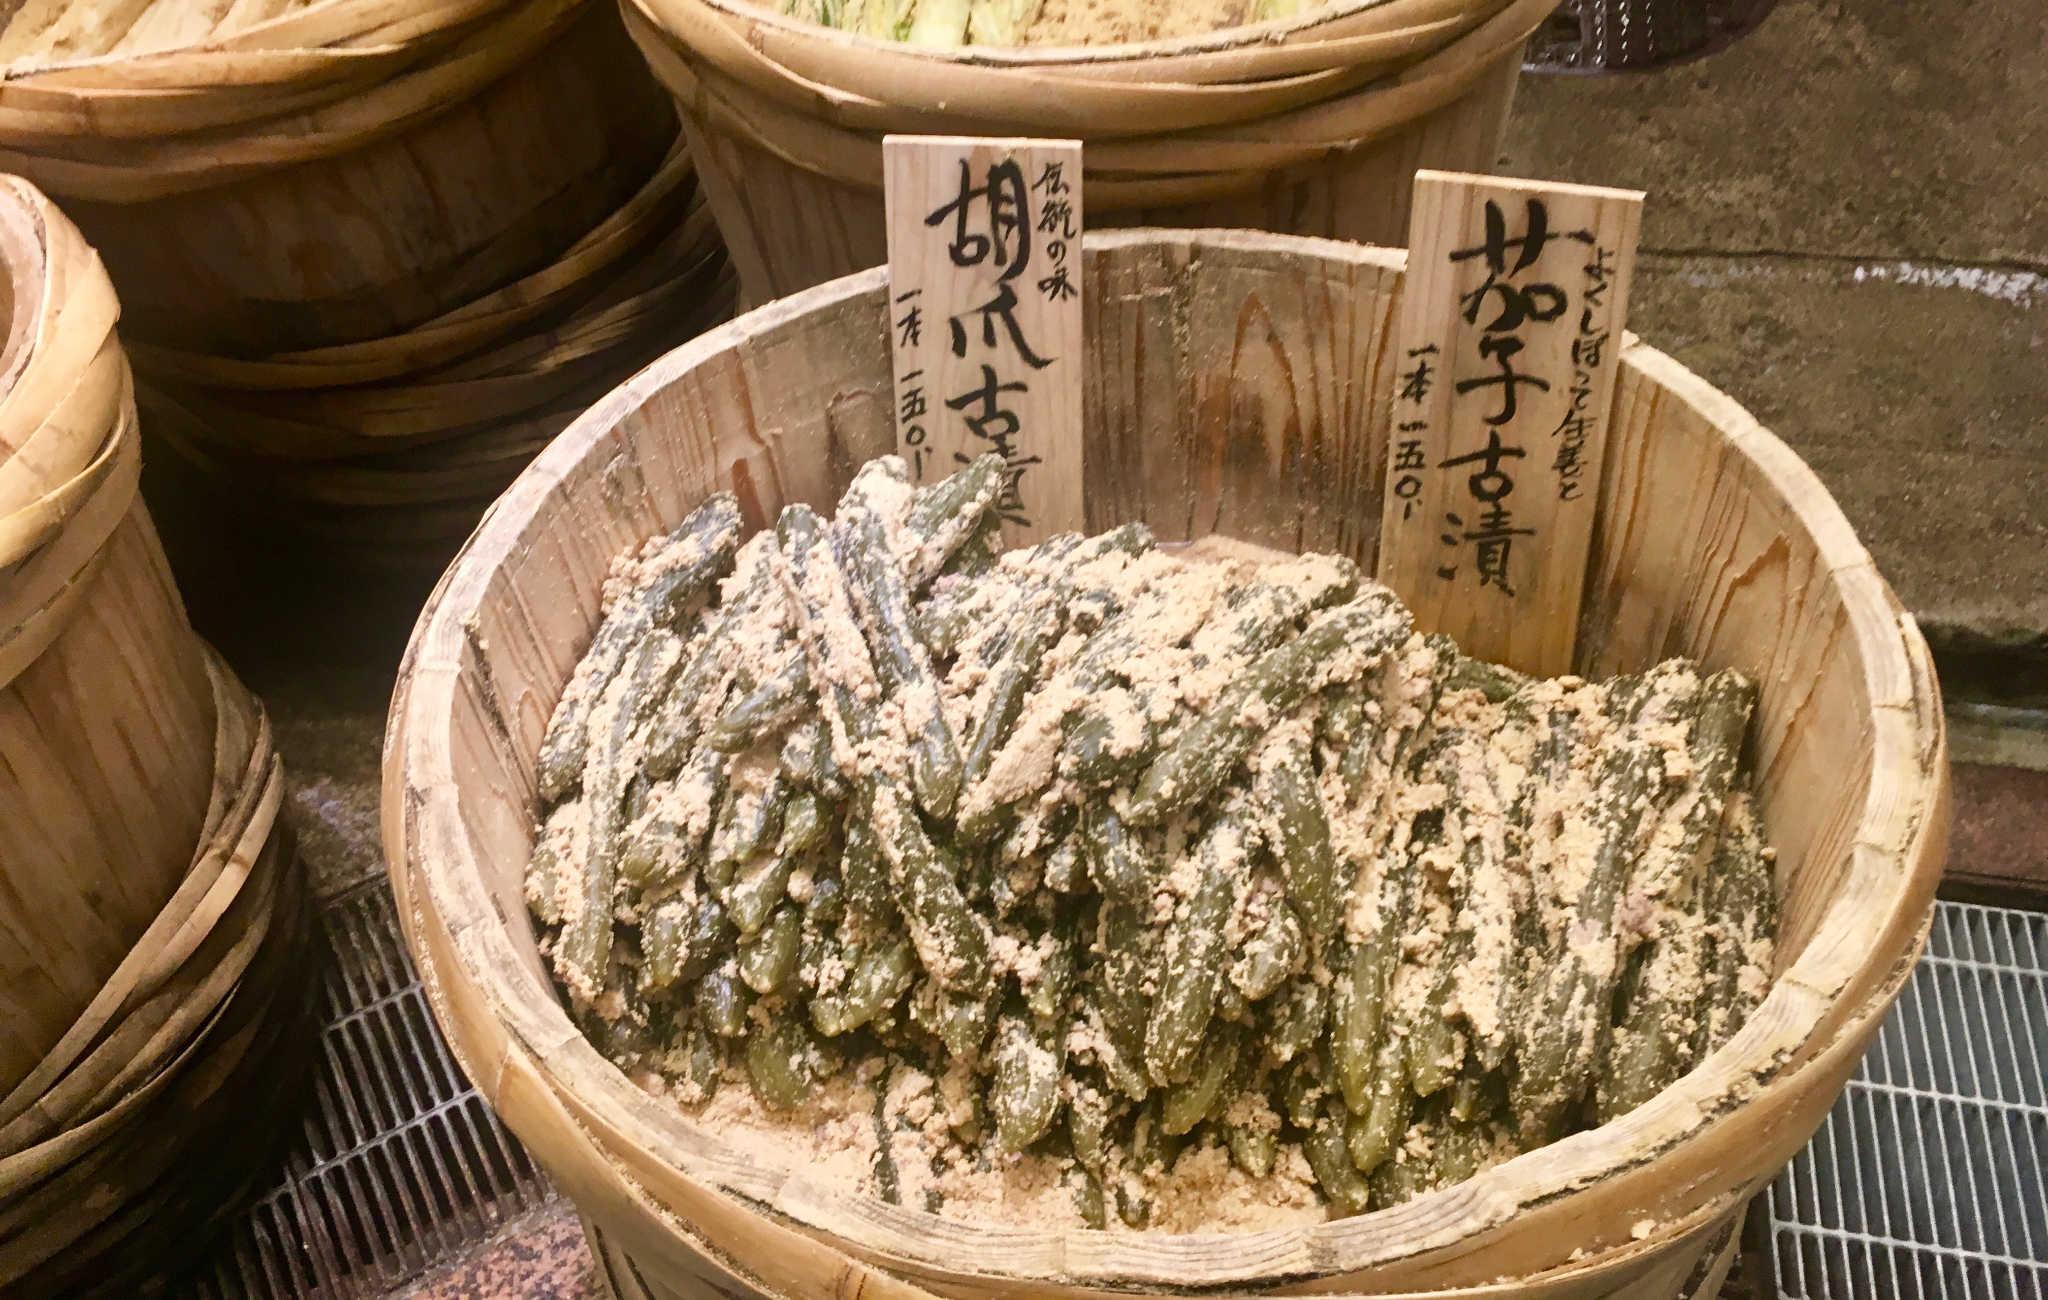 Le marché de Nishiki vous dévoile est un endroit vivant où découvrir tous les ingrédients de la cuisine du Kansai